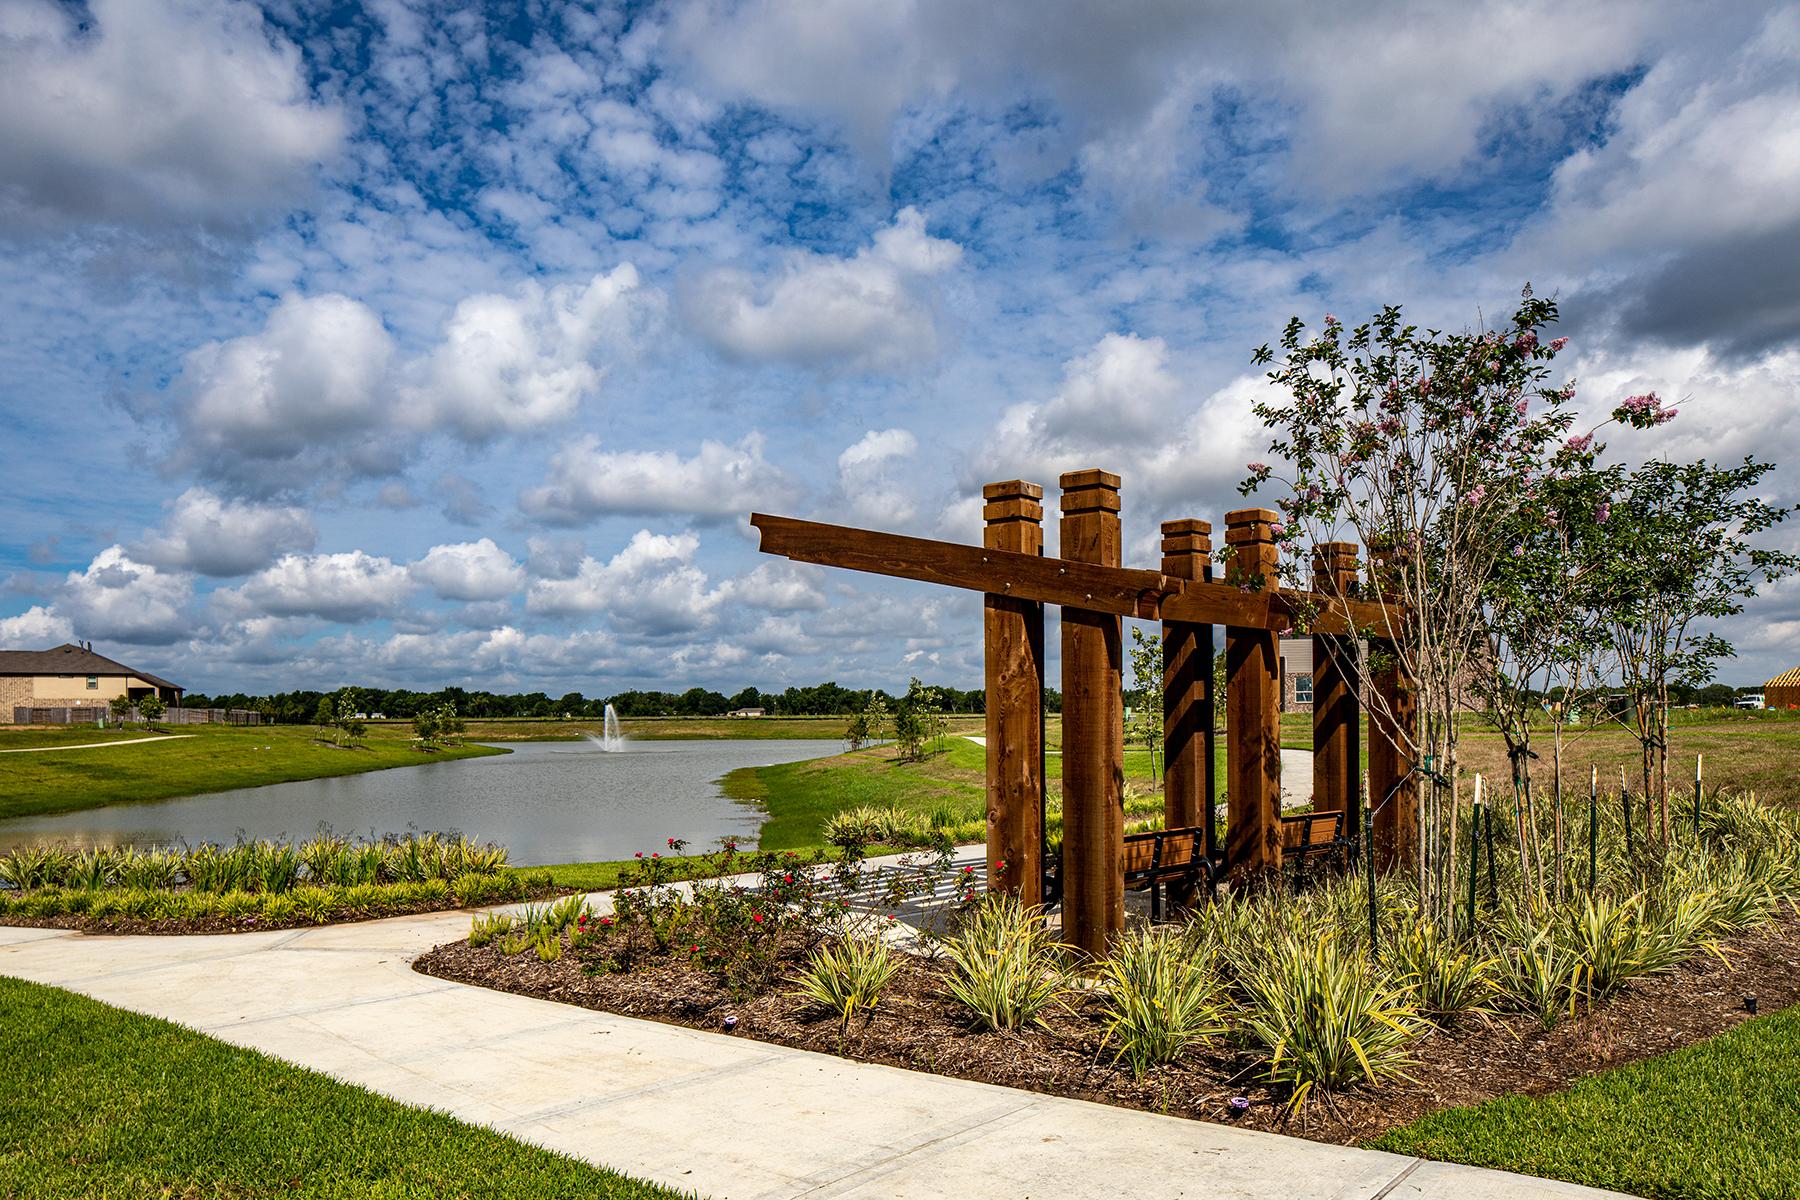 Lakes of Savannah Park